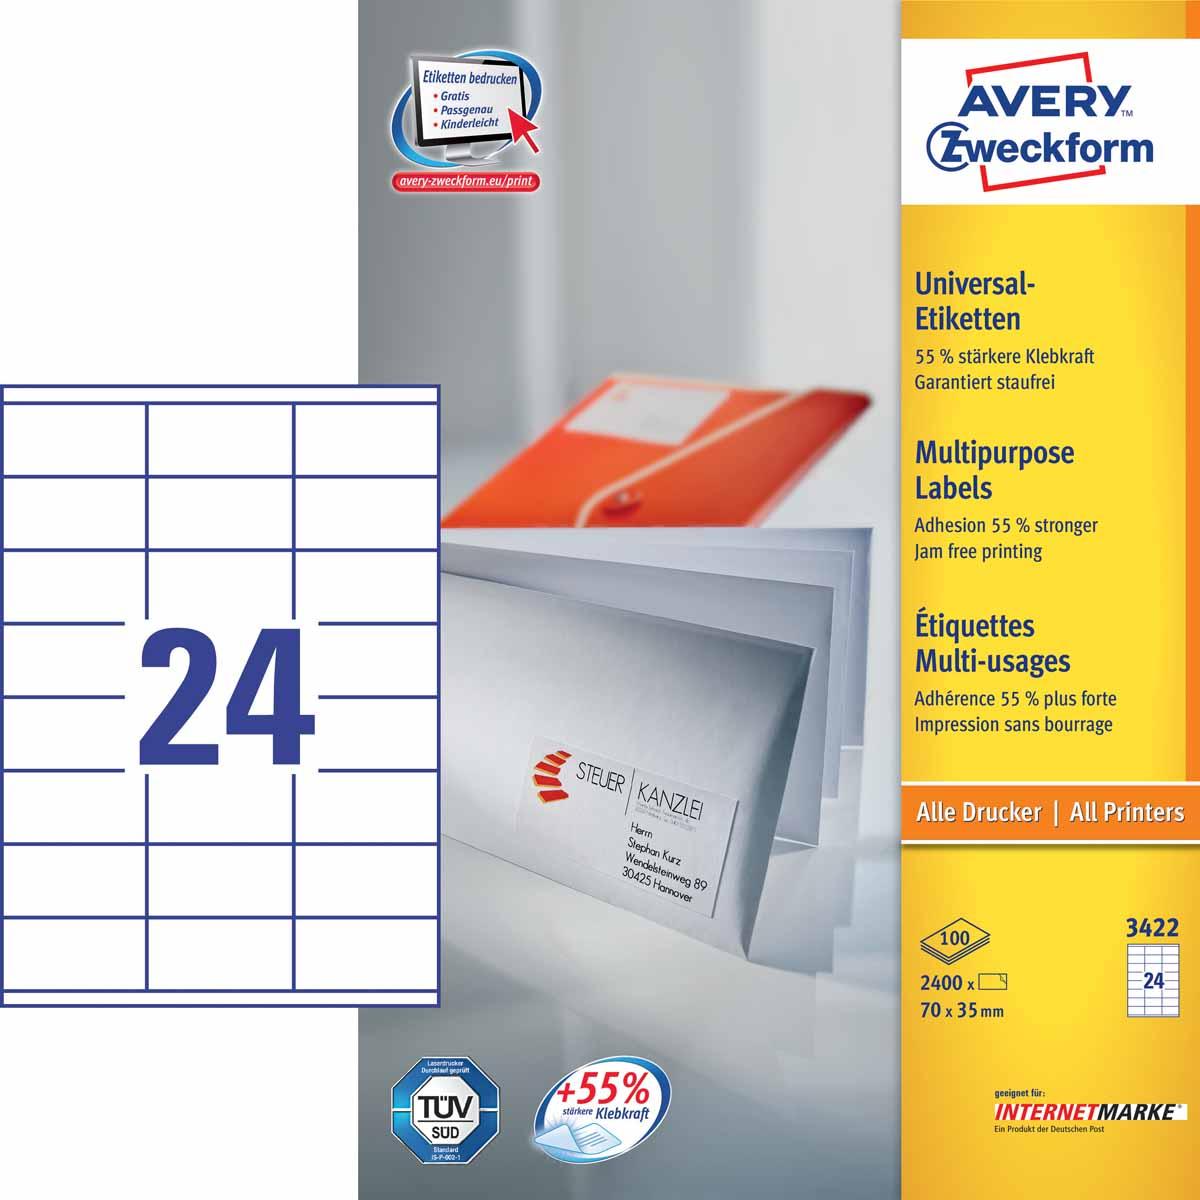 Avery Zweckform Этикетки самоклеящиеся универсальные 70 х 35 мм 2400 шт 100 листов